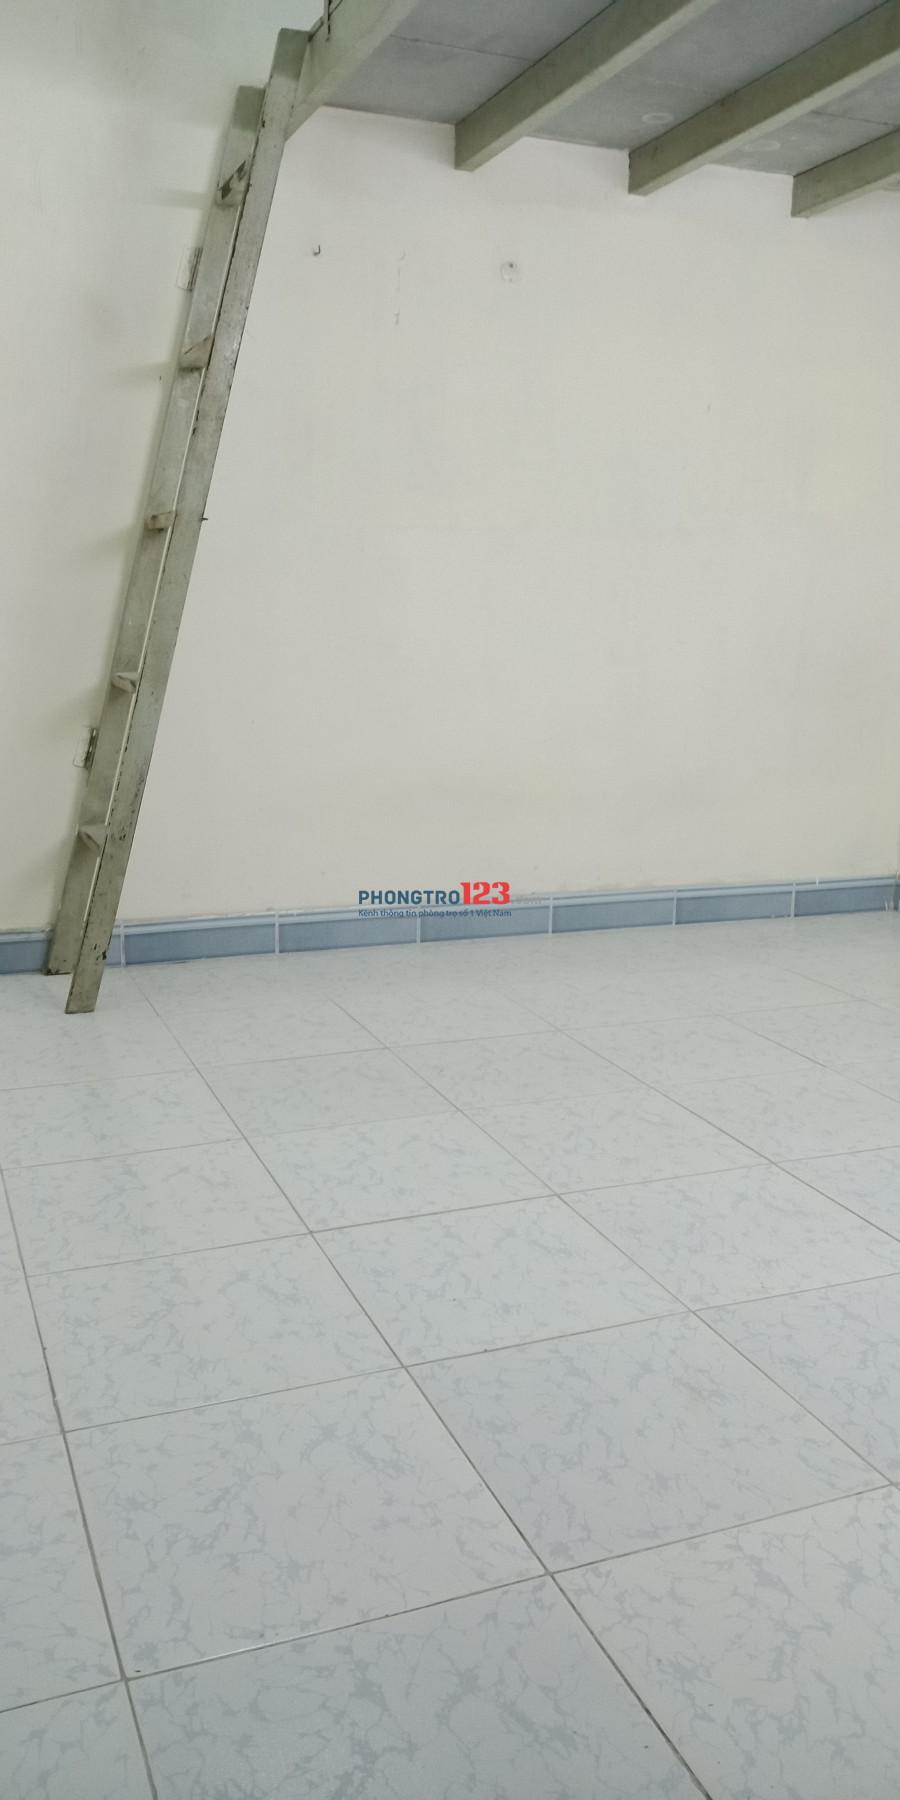 Phòng trọ sạch sẽ, an toàn, đầy đủ tiện nghi, khu vực an ninh cao